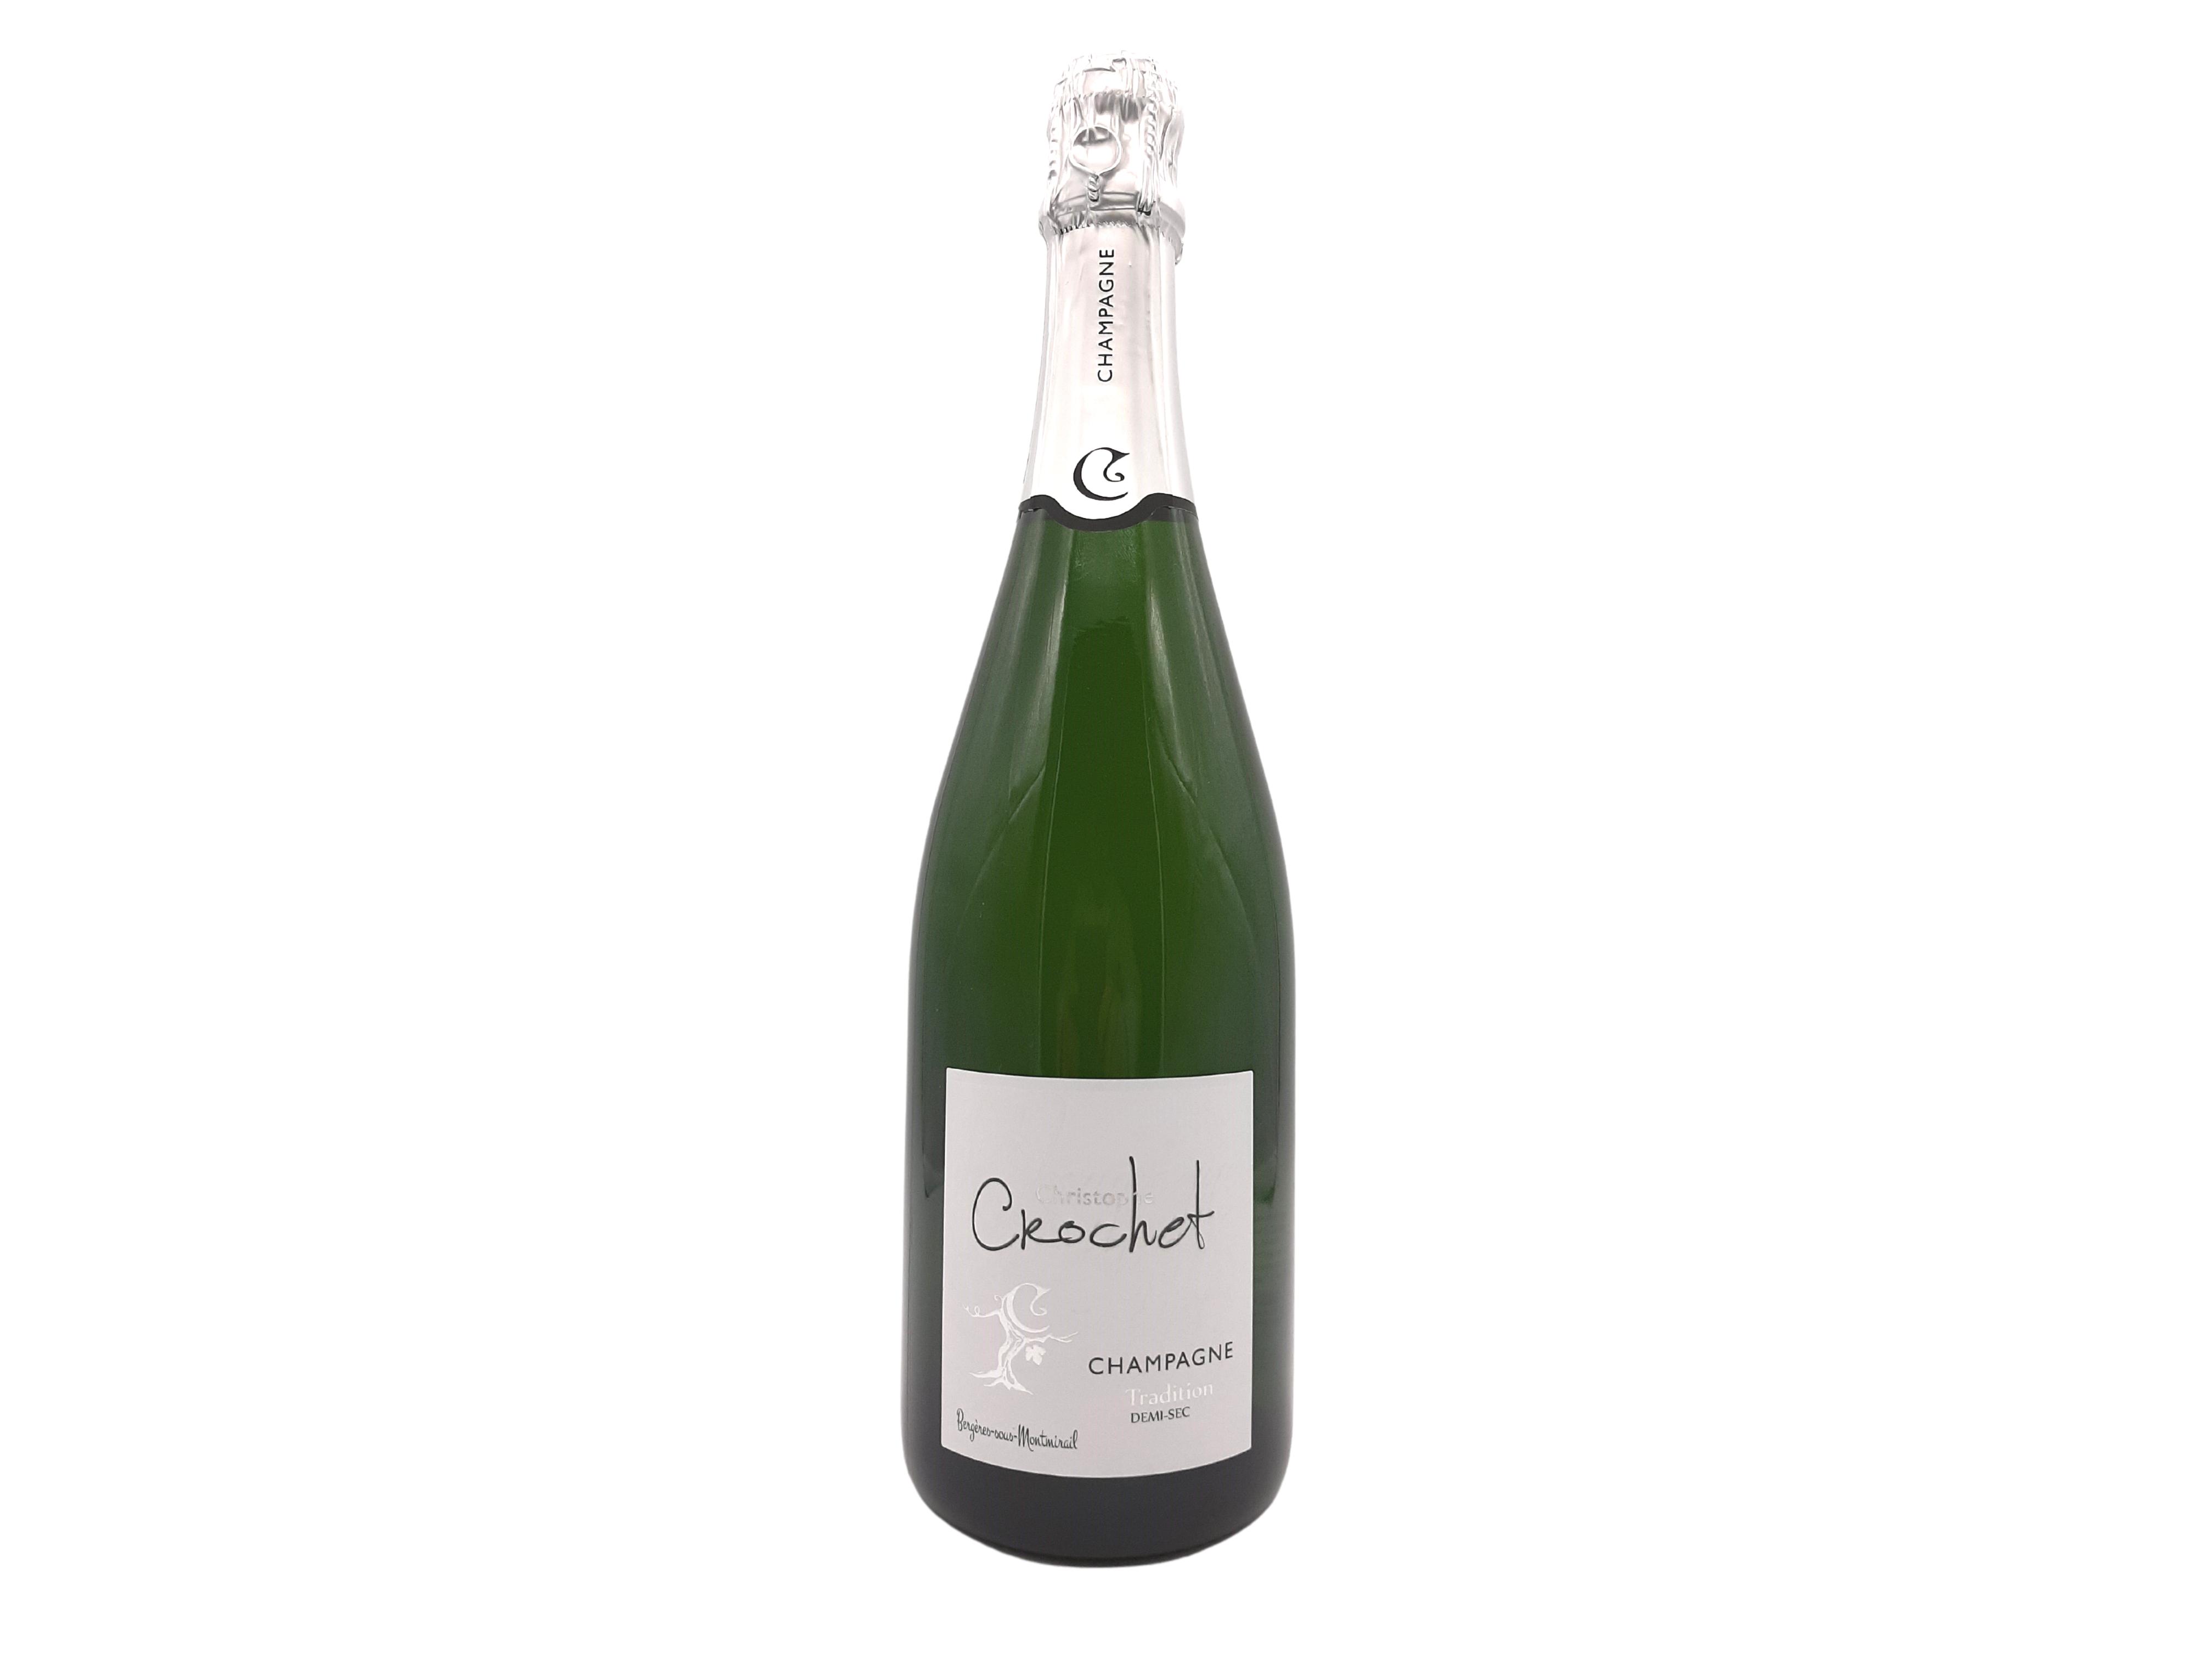 Brut Tradition halbtrocken Champagner Christophe Crochet